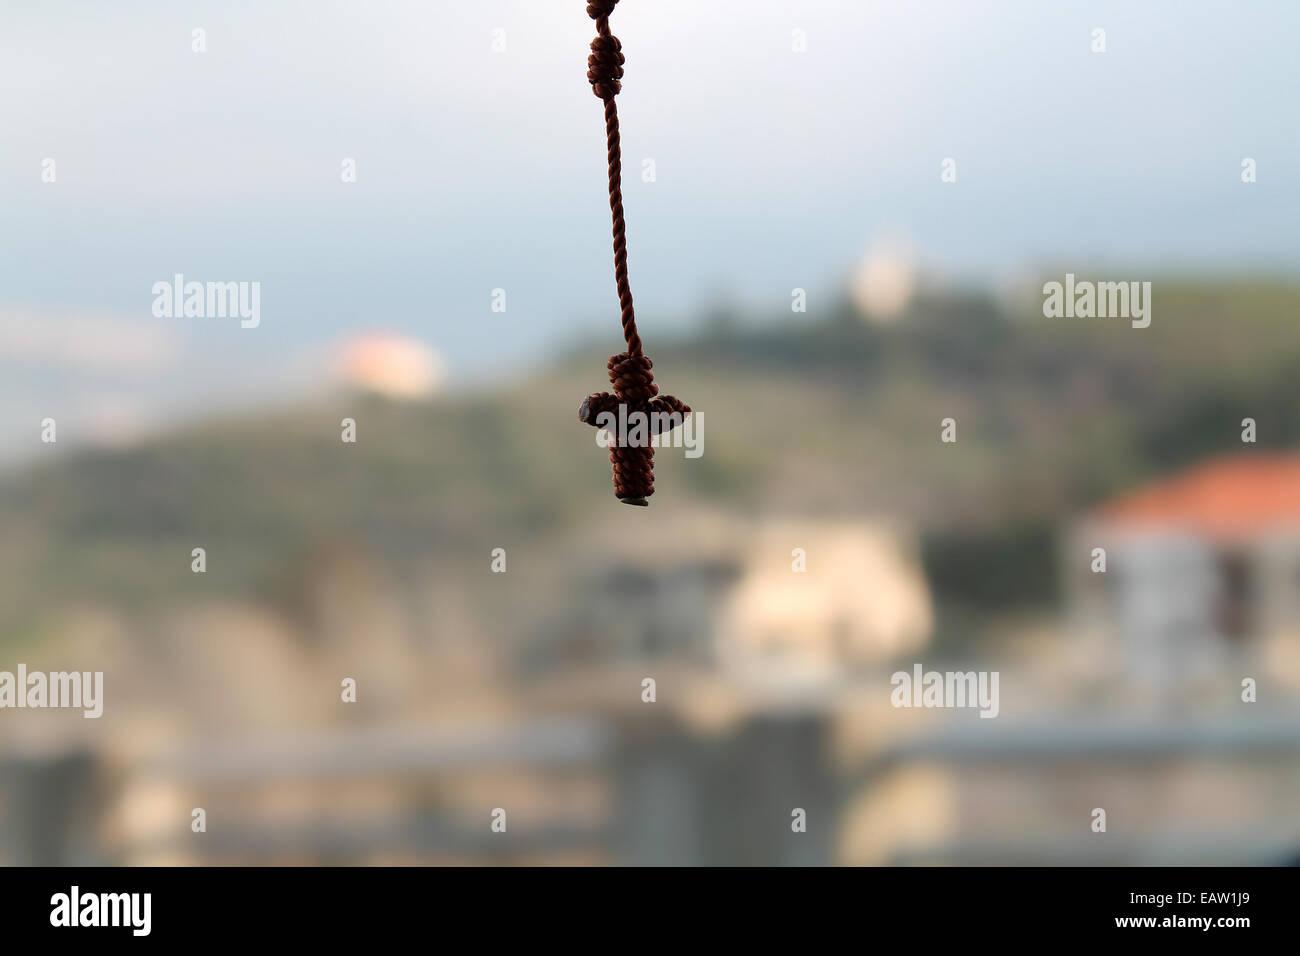 Eine hängende kleine verknotete Rosenkranz mit Kruzifix auf einen natürlichen Hintergrund. Stockbild